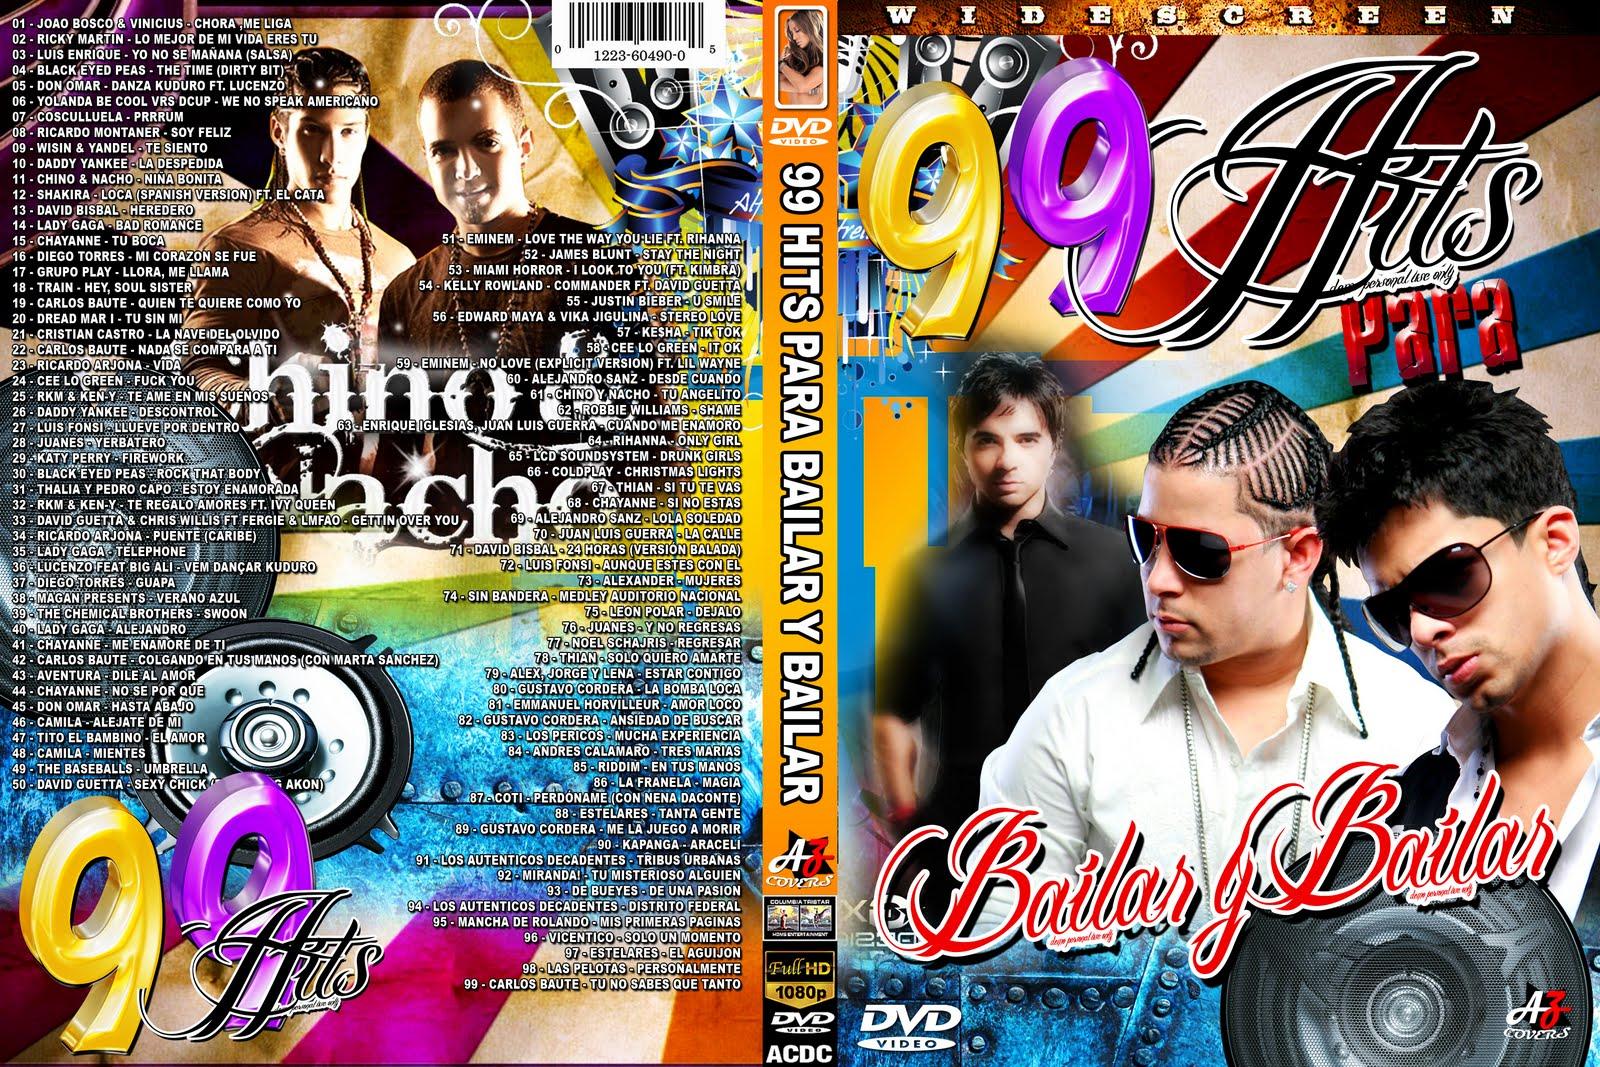 http://1.bp.blogspot.com/-ItSEfrOo-s0/TdxOC9HNFDI/AAAAAAAAATc/ocfTqrP3nJw/s1600/99+hits+para+bailar+y+bailar.jpg